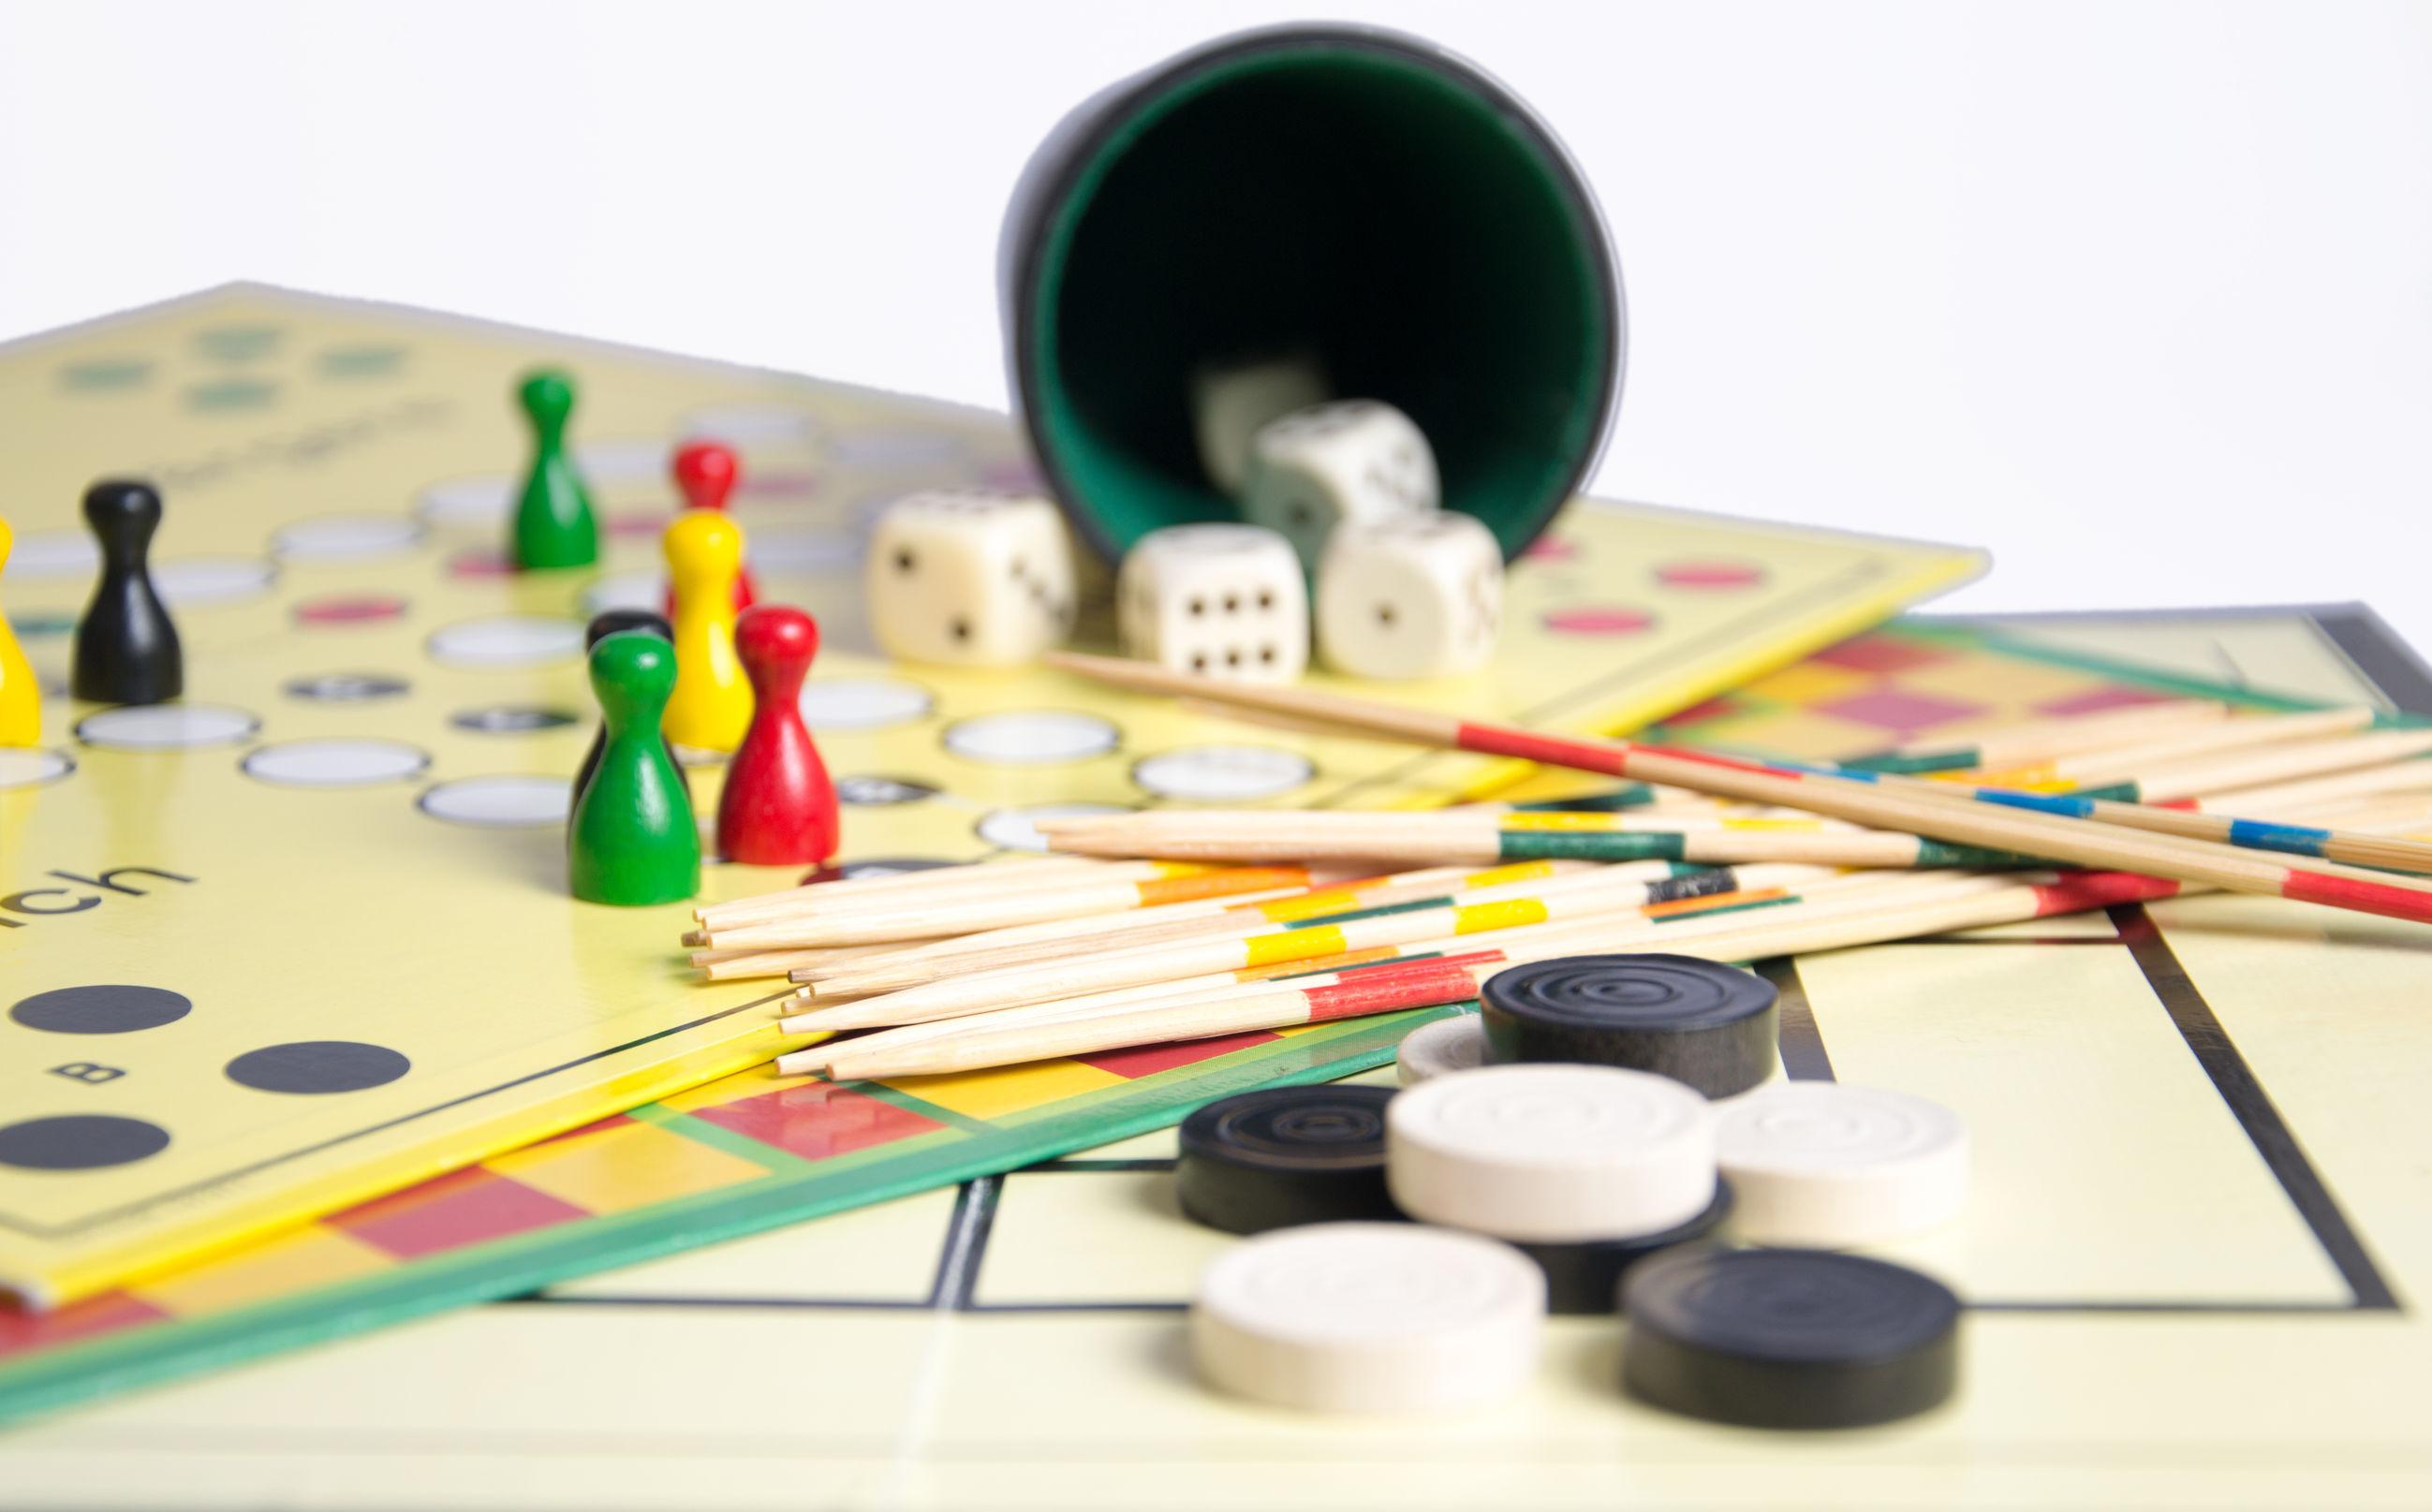 Brætspil kan redde dit familieliv